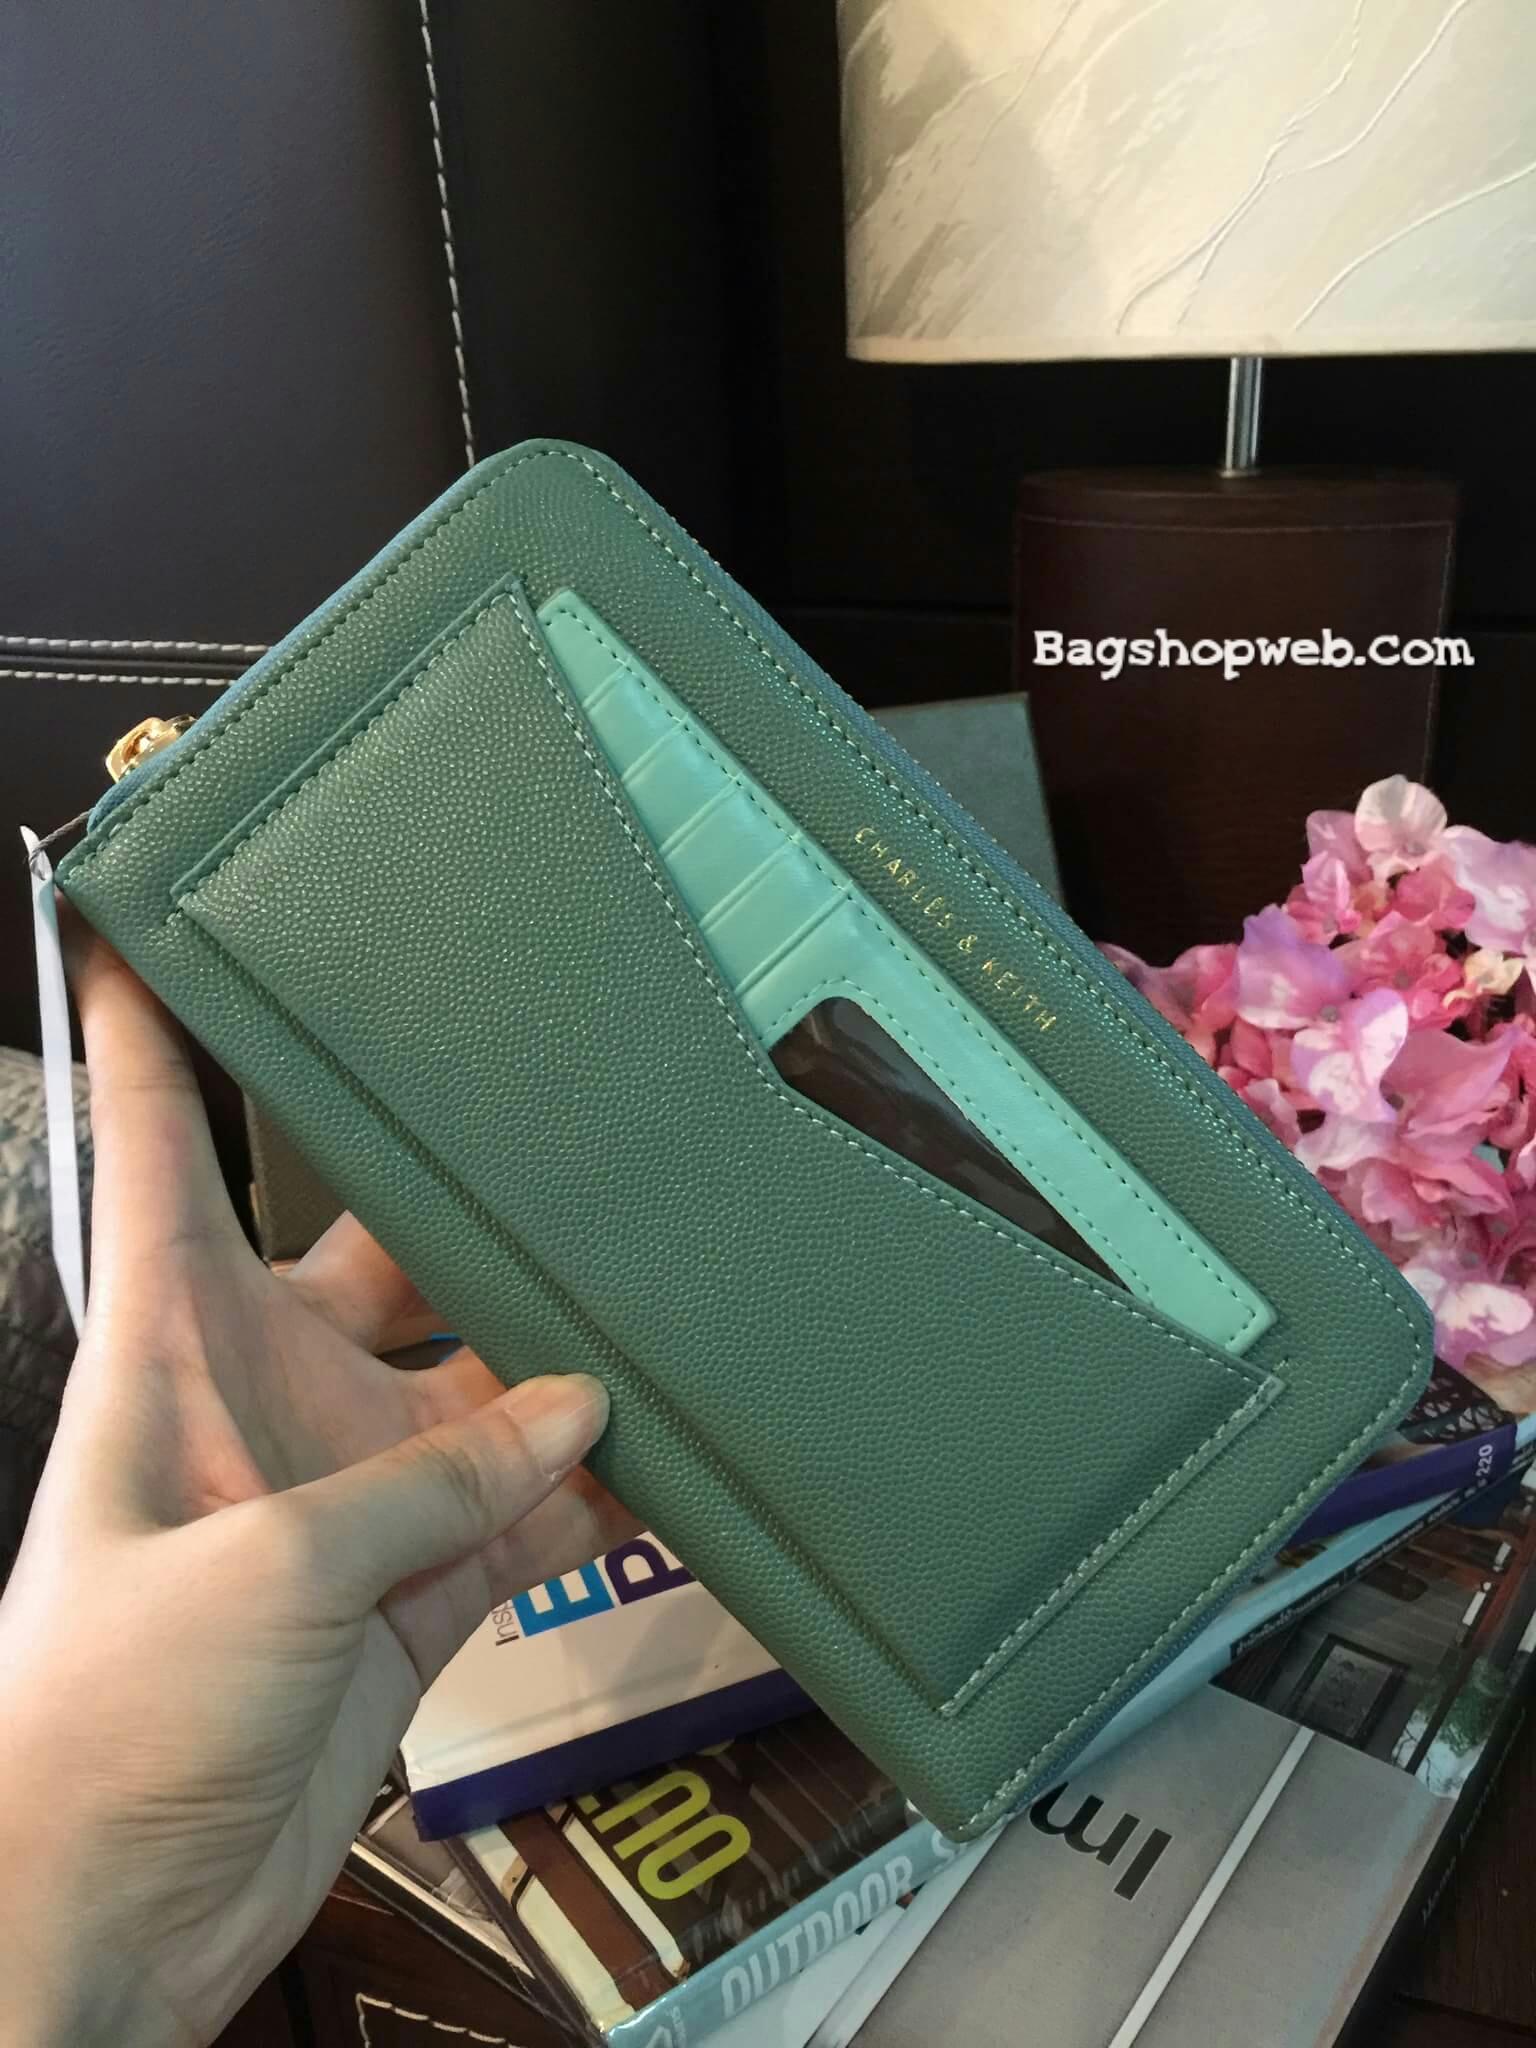 กระเป๋าสตางค์ใบยาว กระเป๋าเงิน CHARLES & KEITH LONG ZIP WALLET CK6-10770220 ซิปรอบ ใบยาว รุ่นใหม่ 2017 ชนชอป สิงคโปร์ - สีเขียว